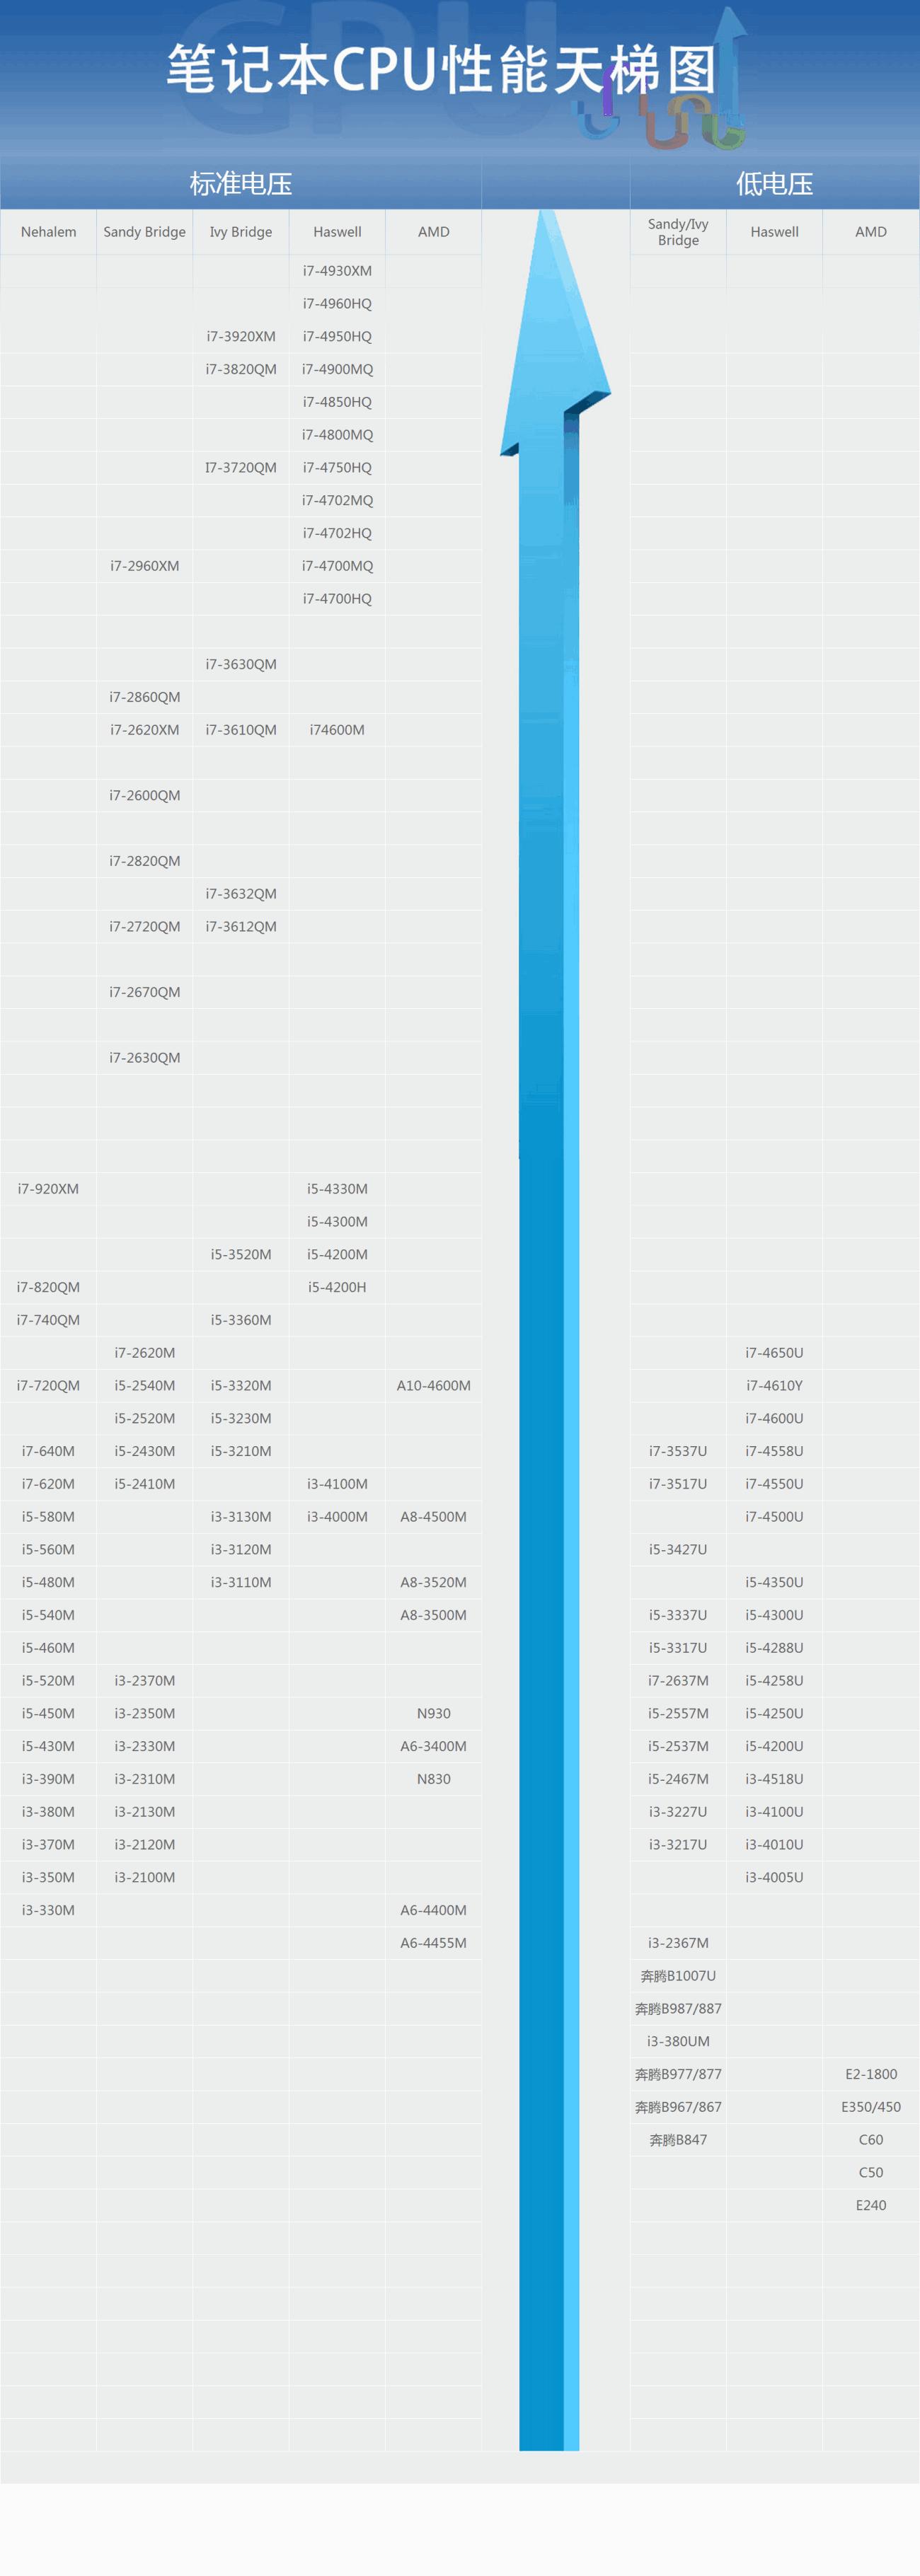 笔记本CPU性能天梯图2019年7月版 第2张